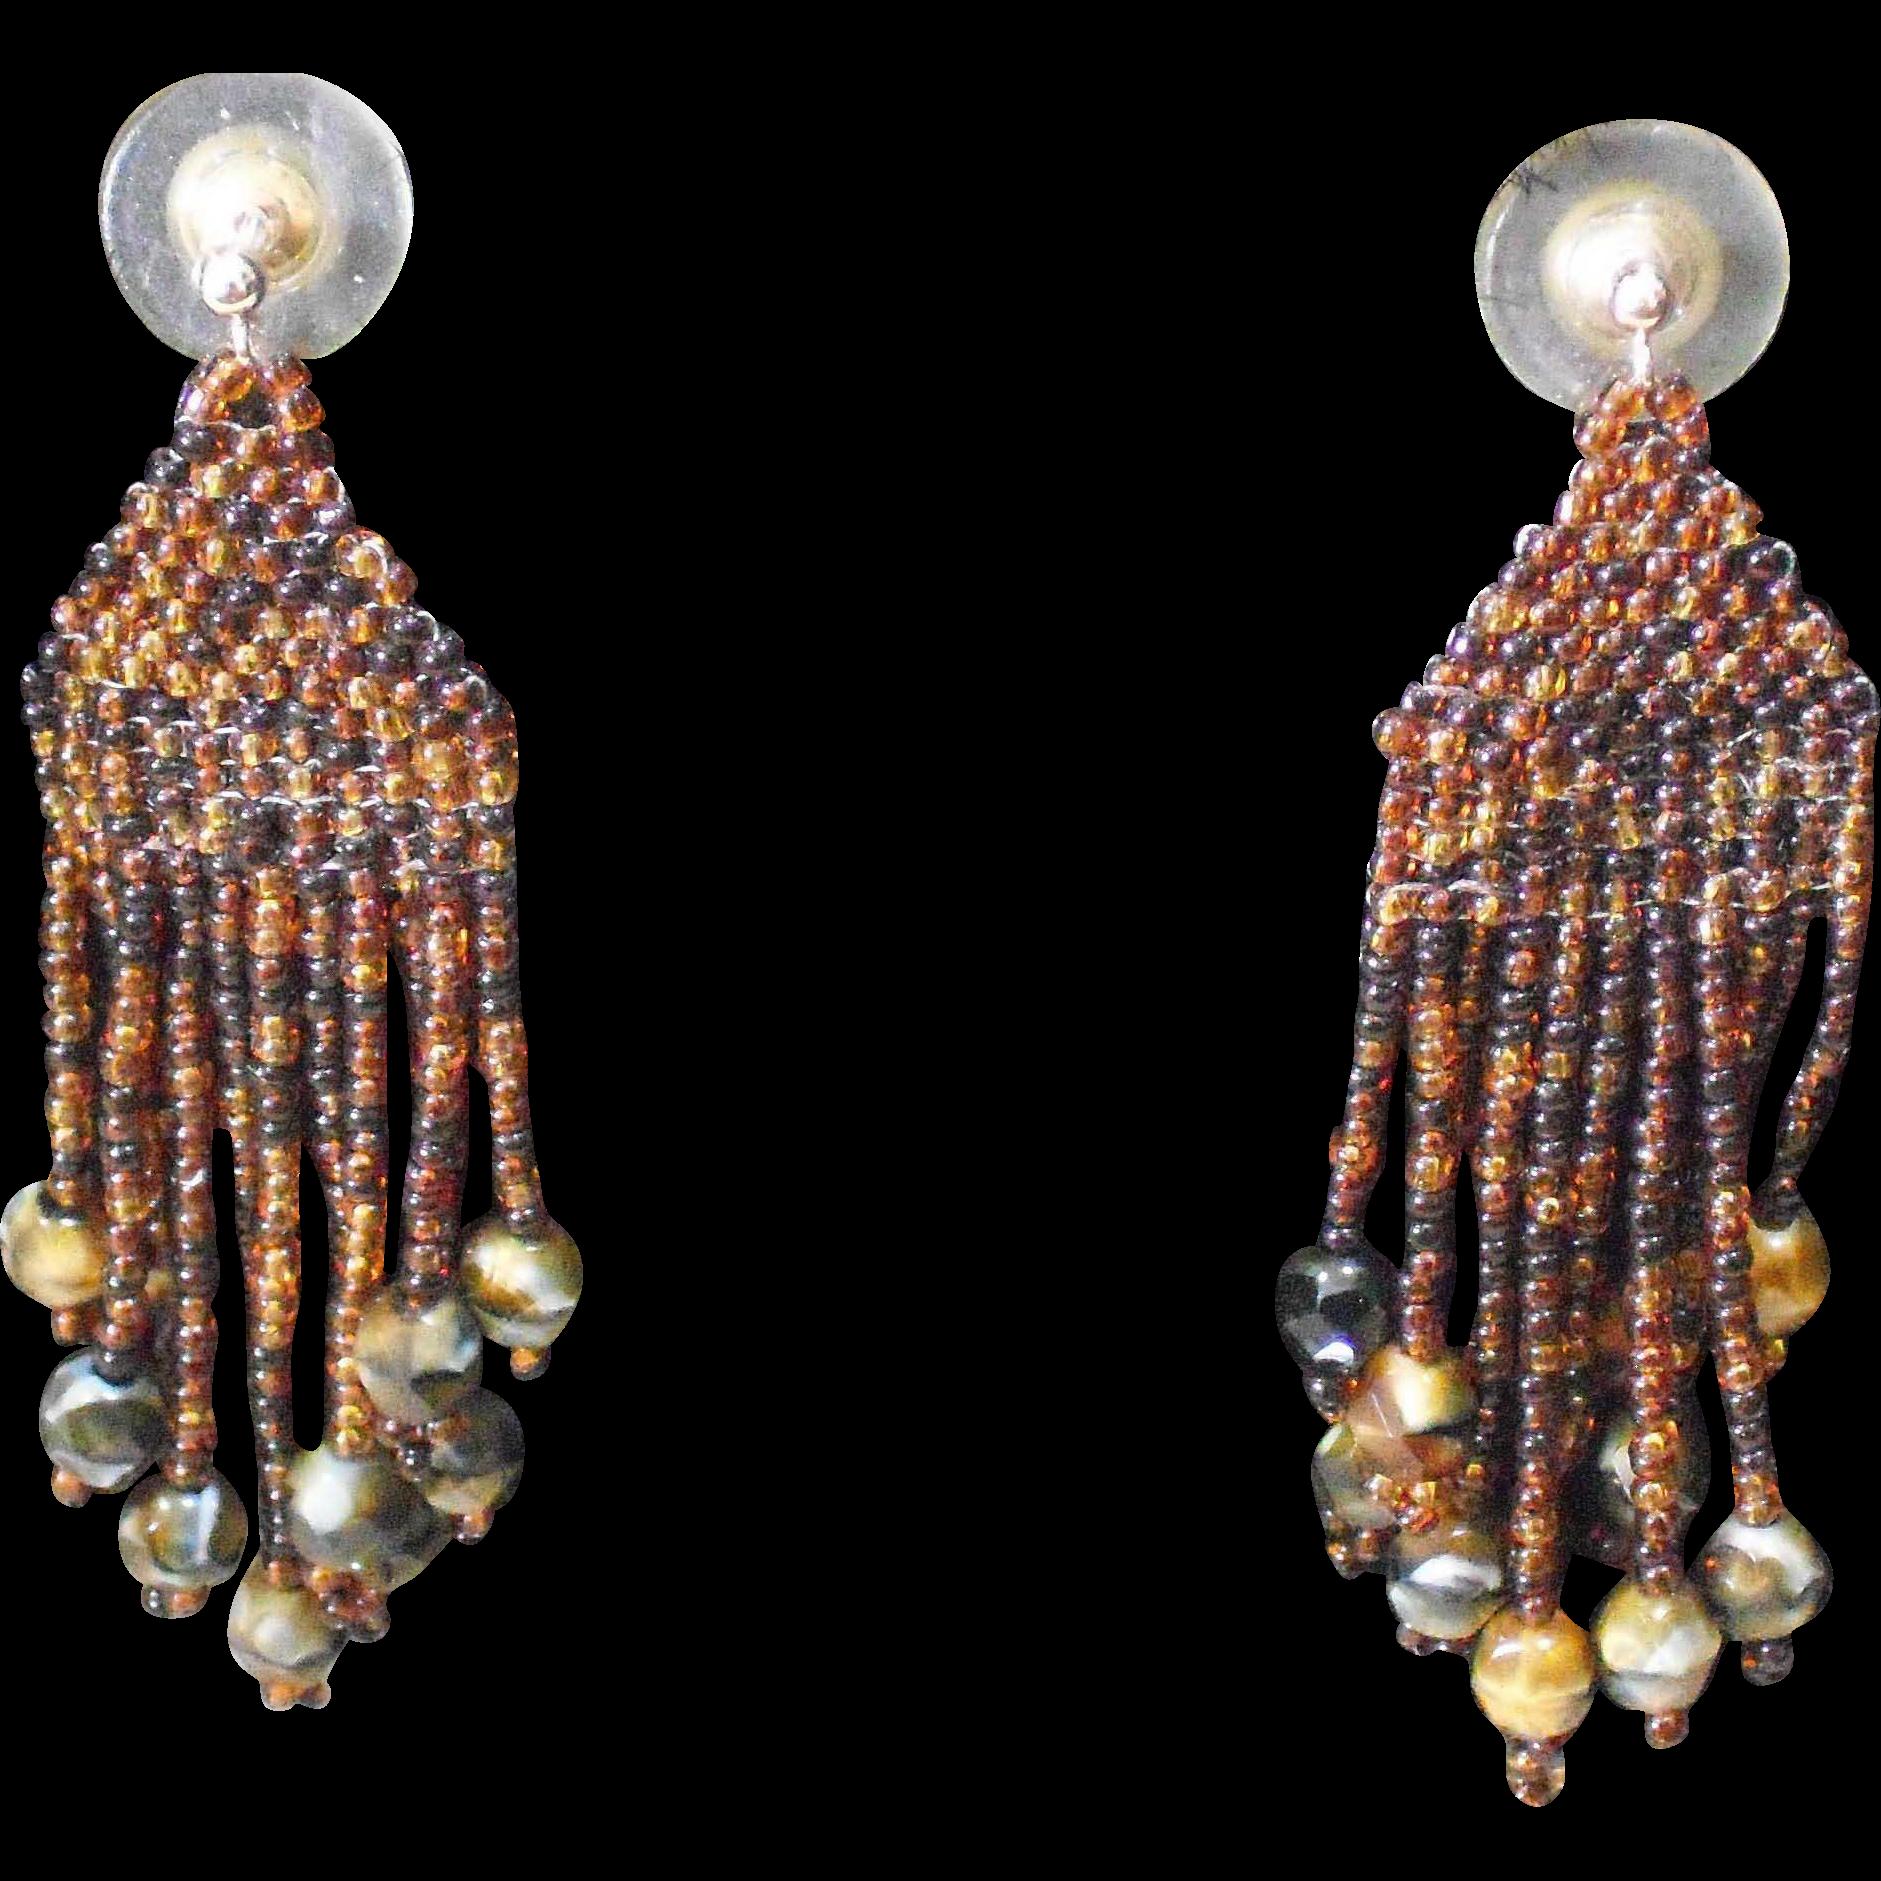 Handmade Brown Multi colored Seed Bead Earrings